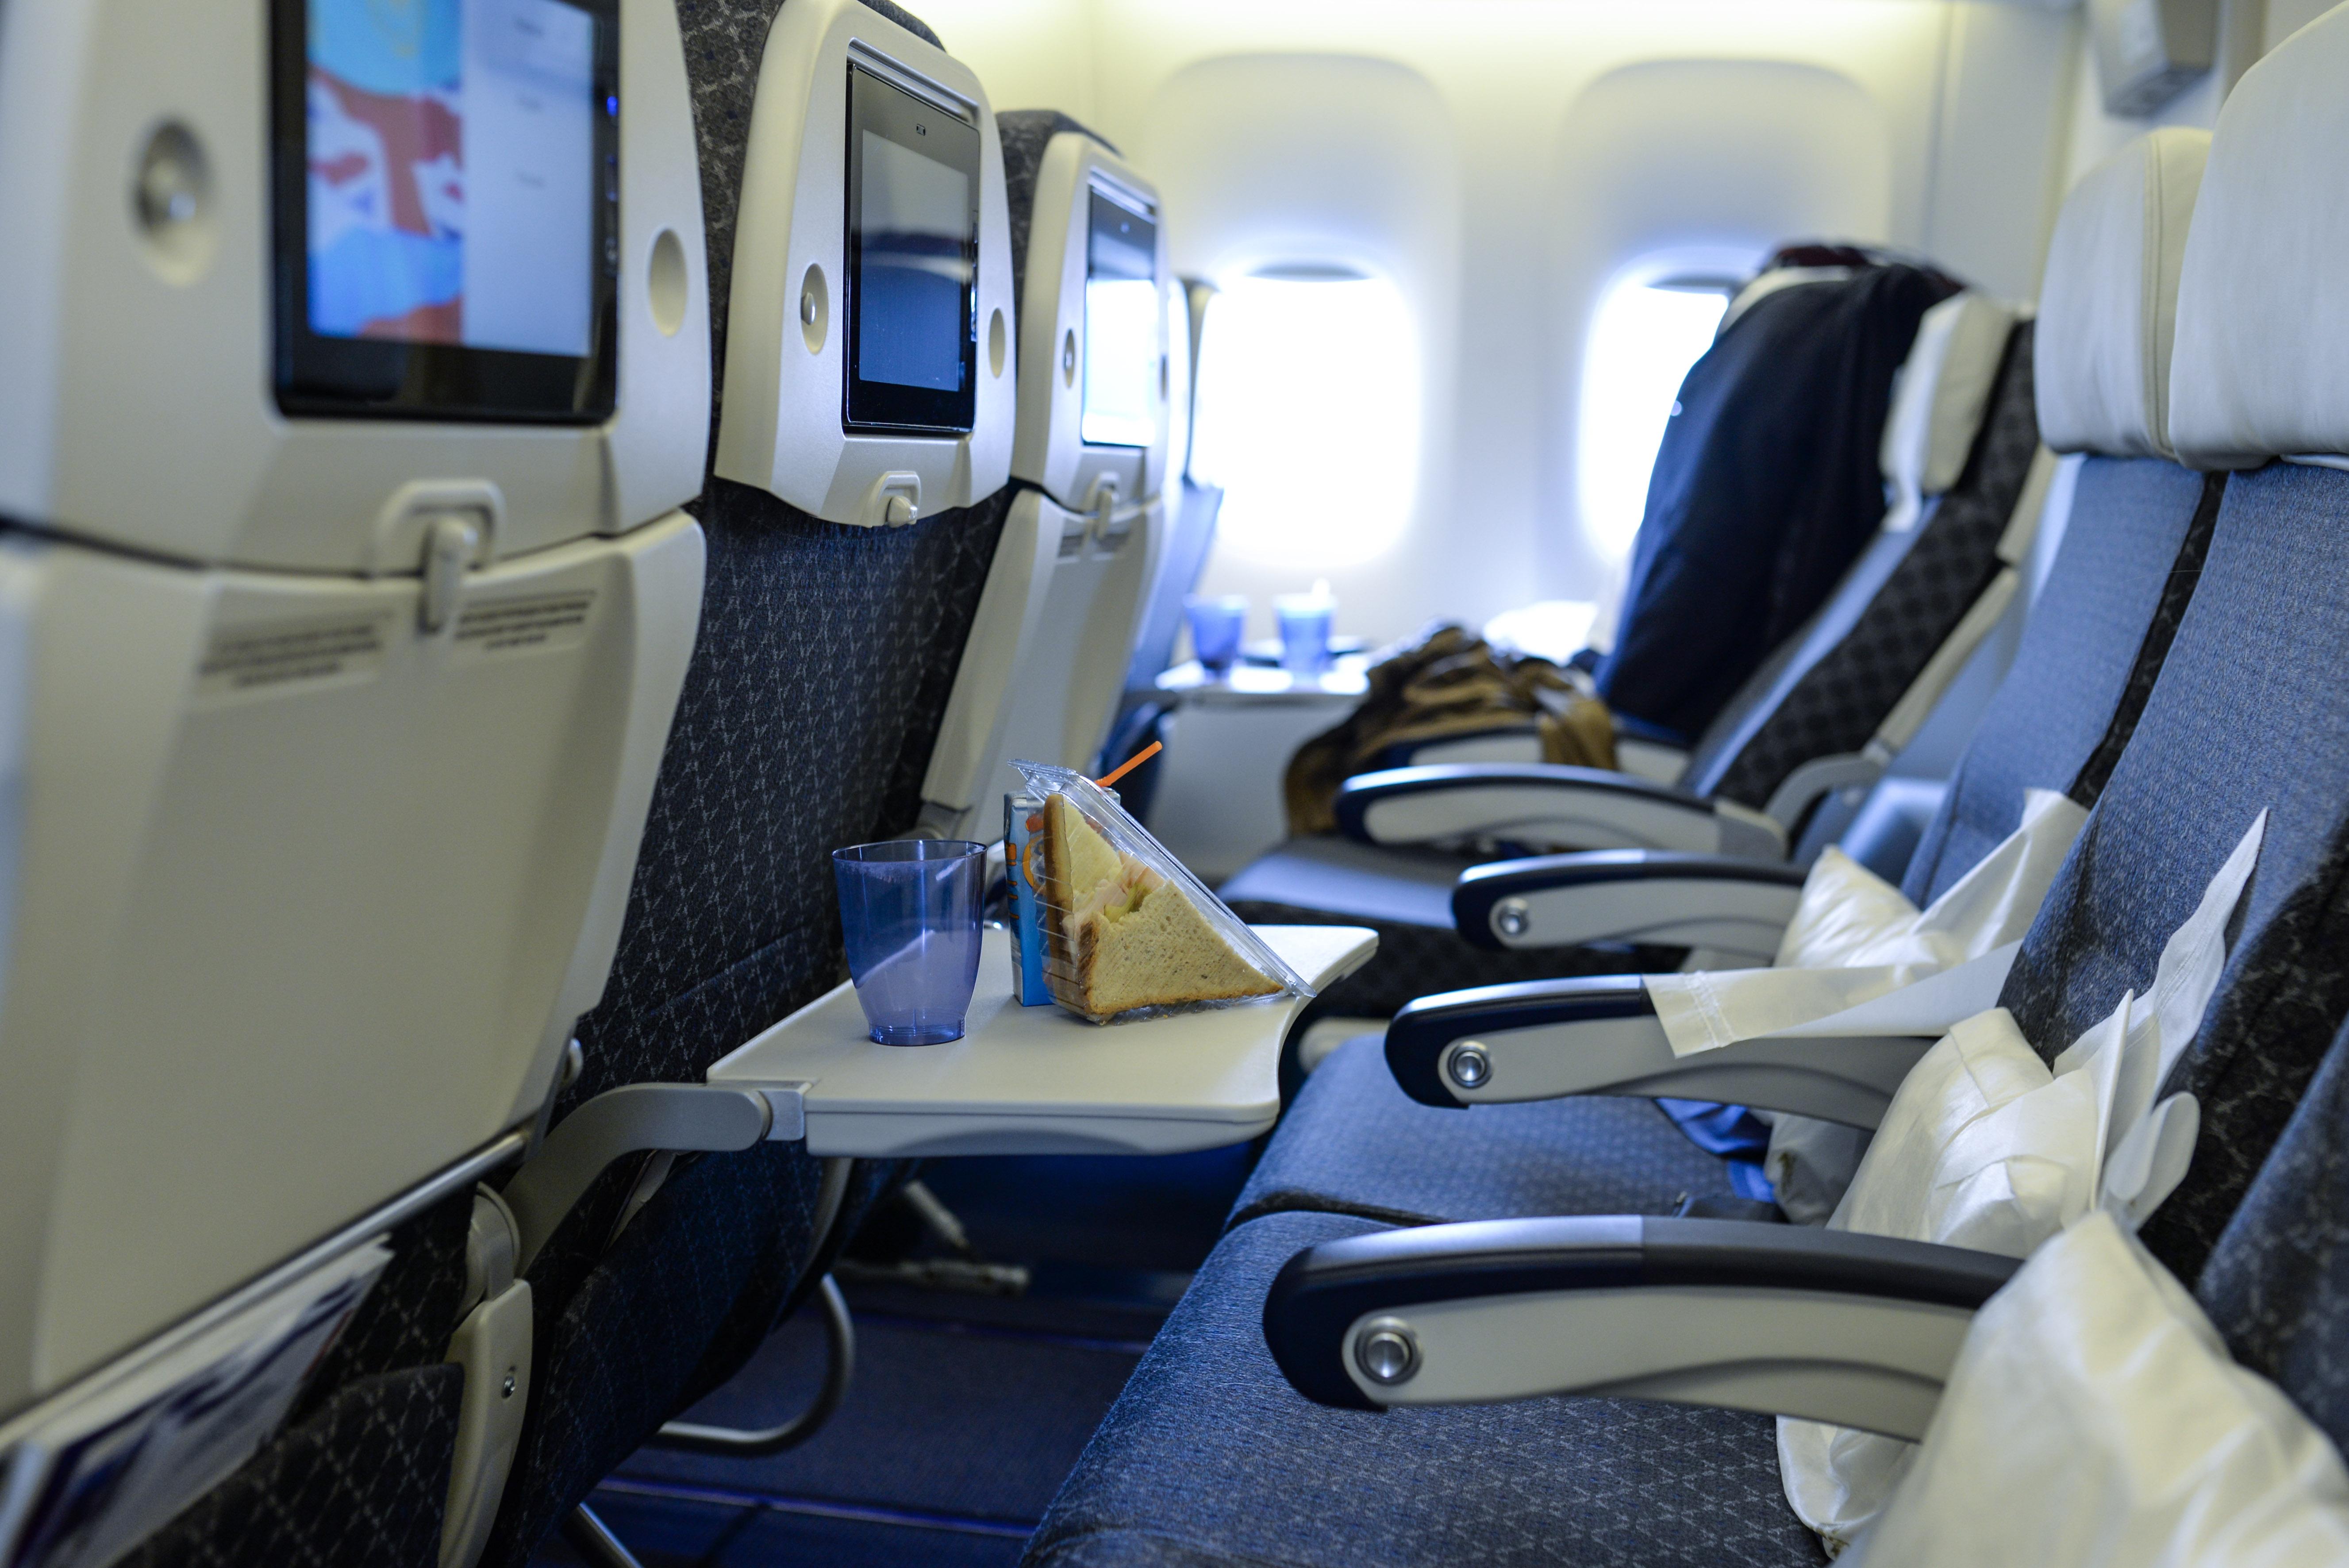 Site dá dicas para escolher o melhor assento no avião (Foto: SXC)